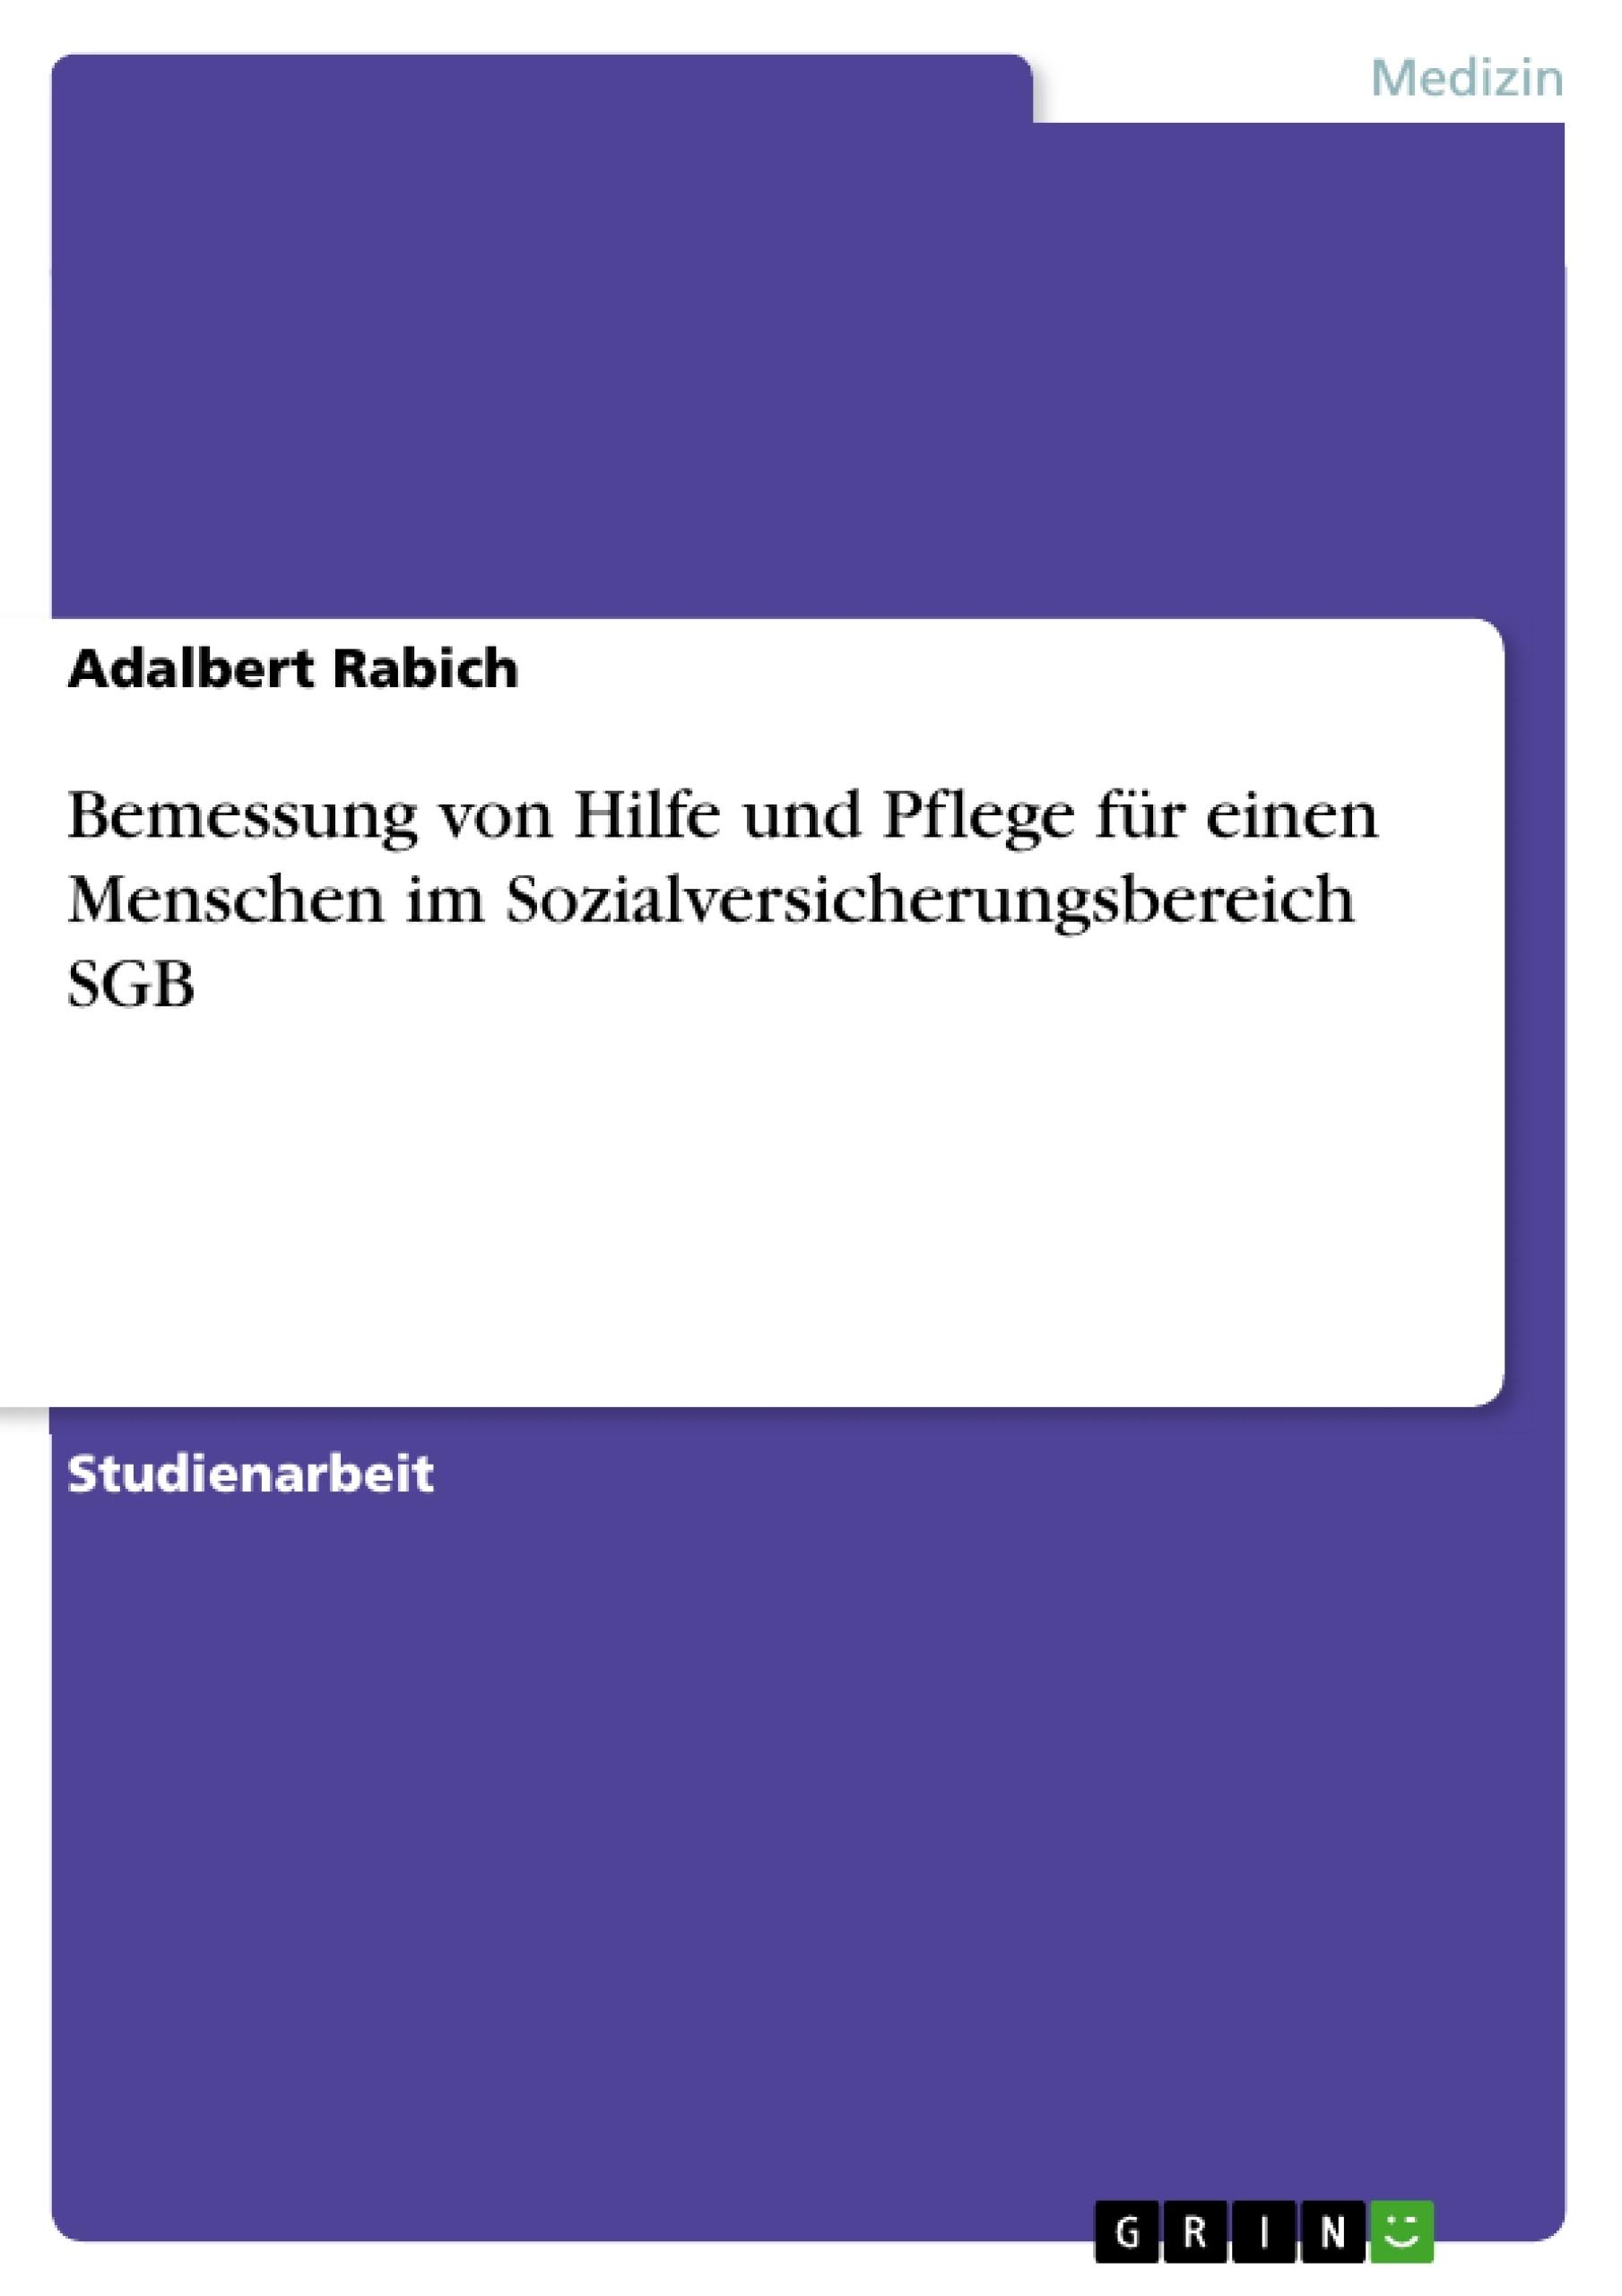 Fein Grad Für Die Pflege Galerie - Anatomie Und Physiologie Knochen ...